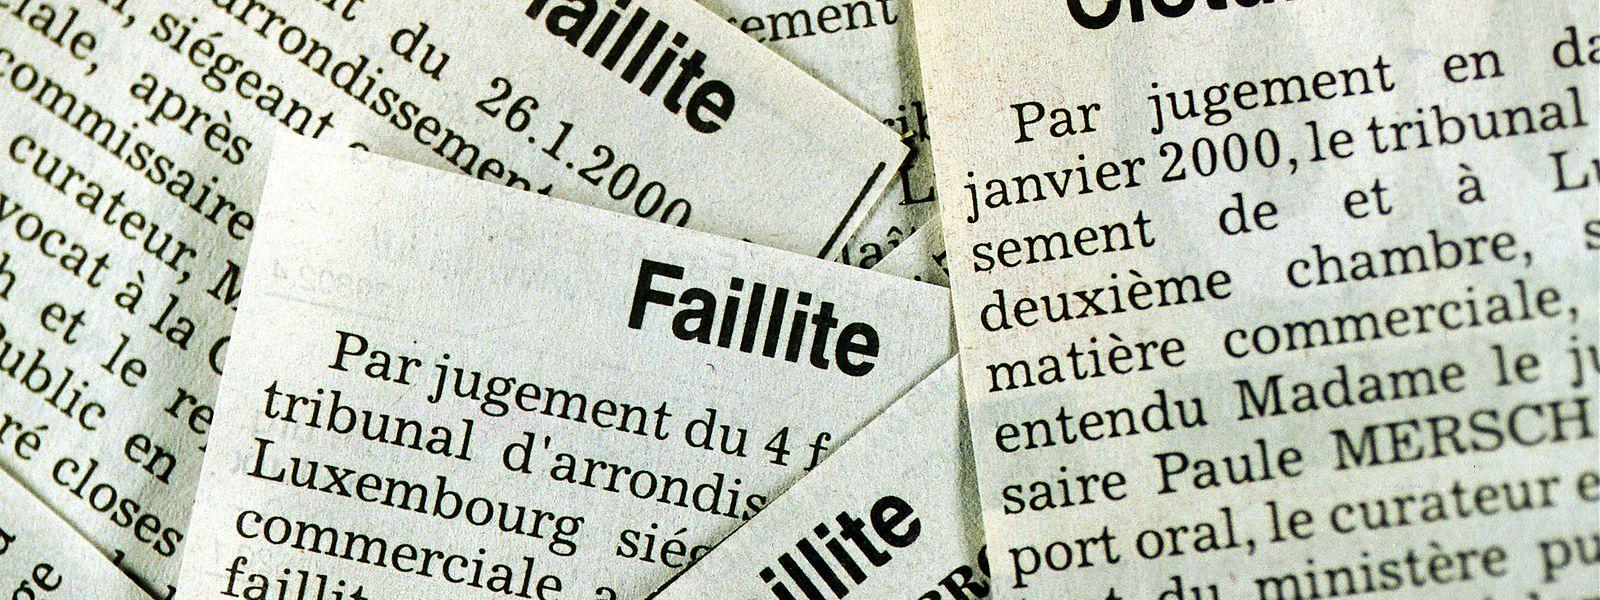 Entre faillites et liquidations, 234 entreprises ont disparu du paysage économique luxembourgeois en juin dernier.